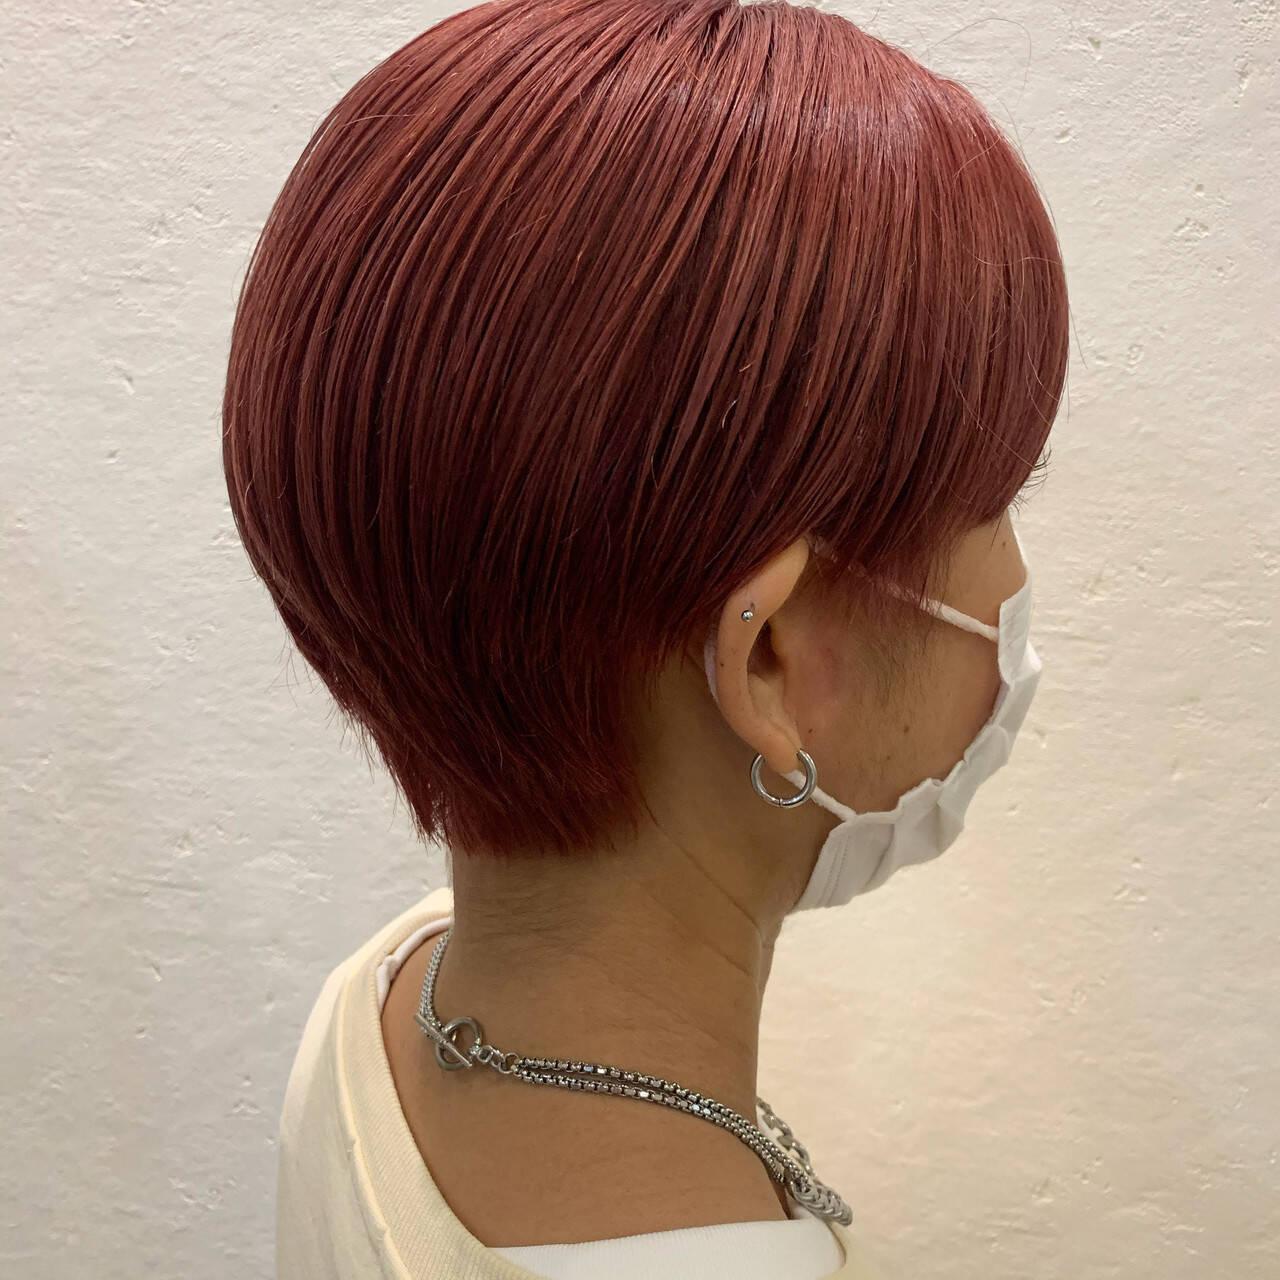 ピンクバイオレット ベリーピンク ショートヘア ピンクヘアスタイルや髪型の写真・画像